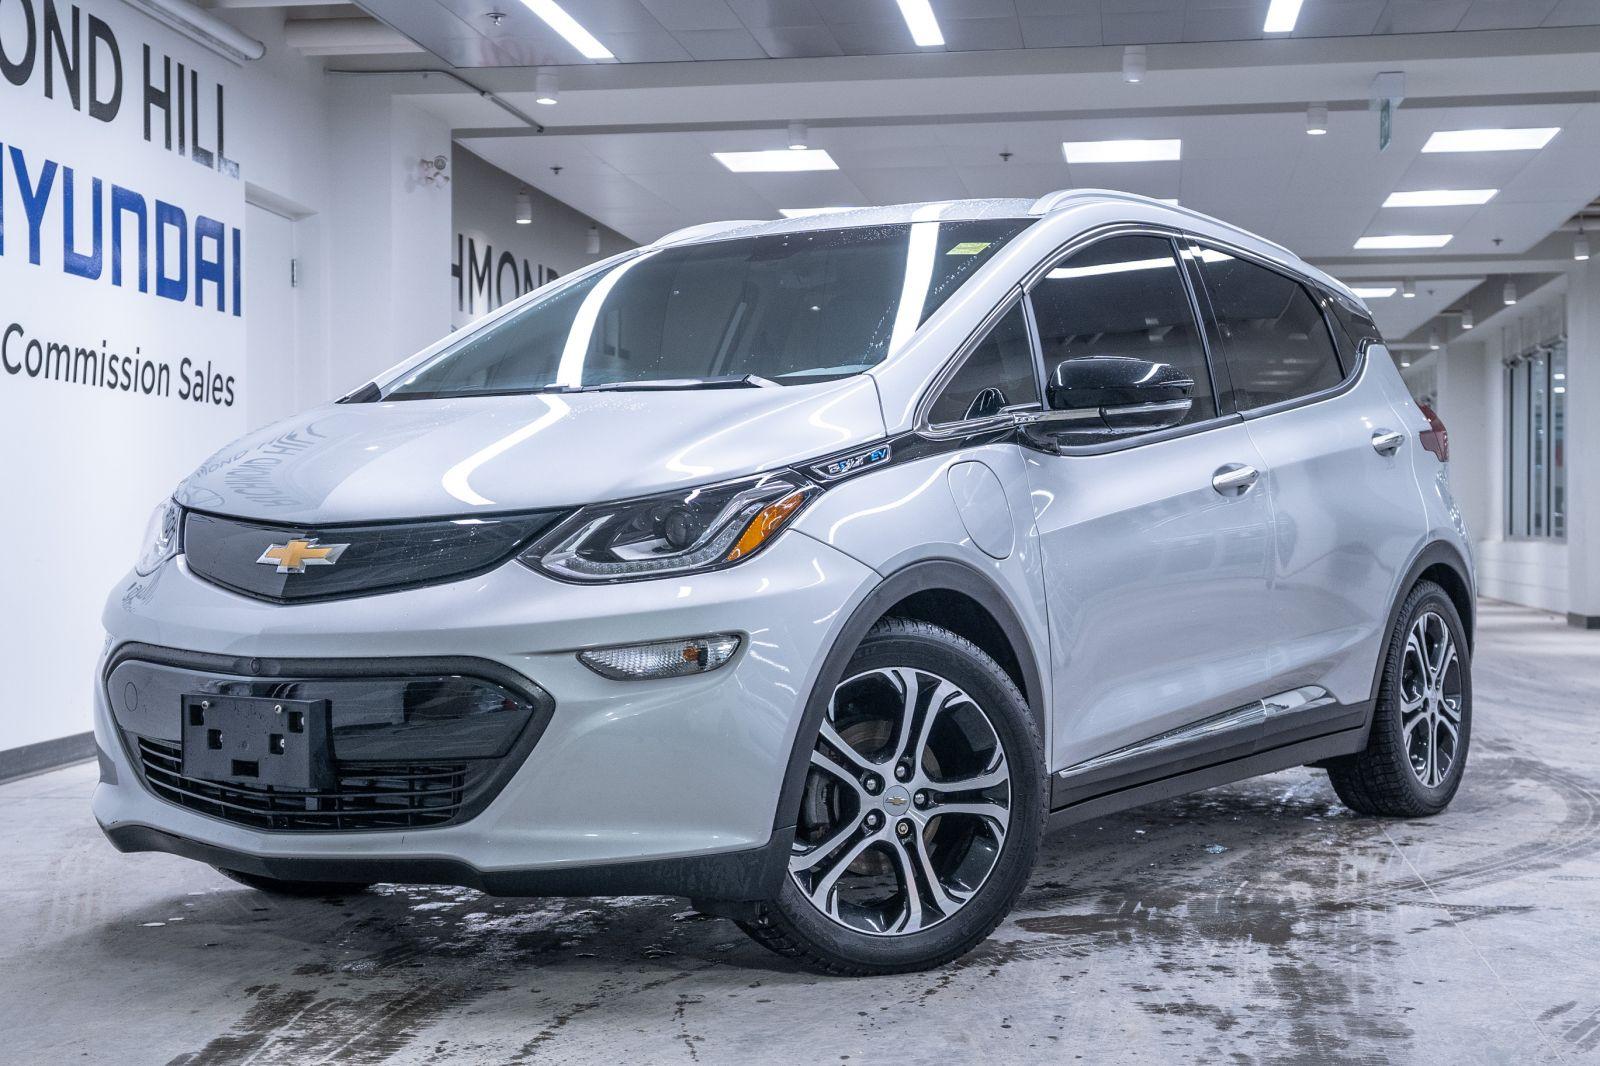 2019 Chevrolet Bolt EV Image